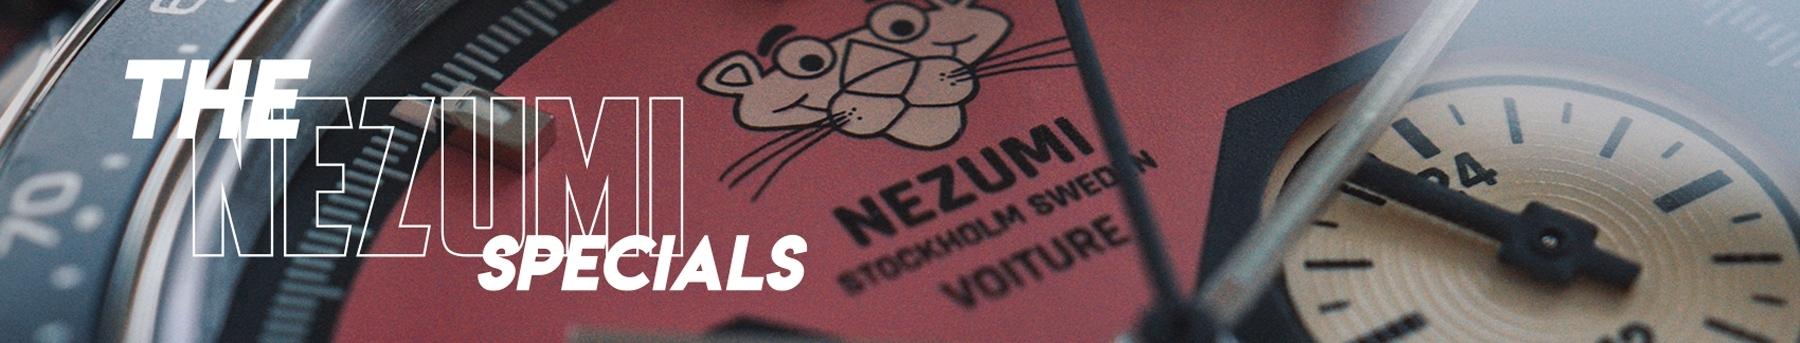 Nezumi Studios Specials Watch Pink Panther Voiture racing chronograph